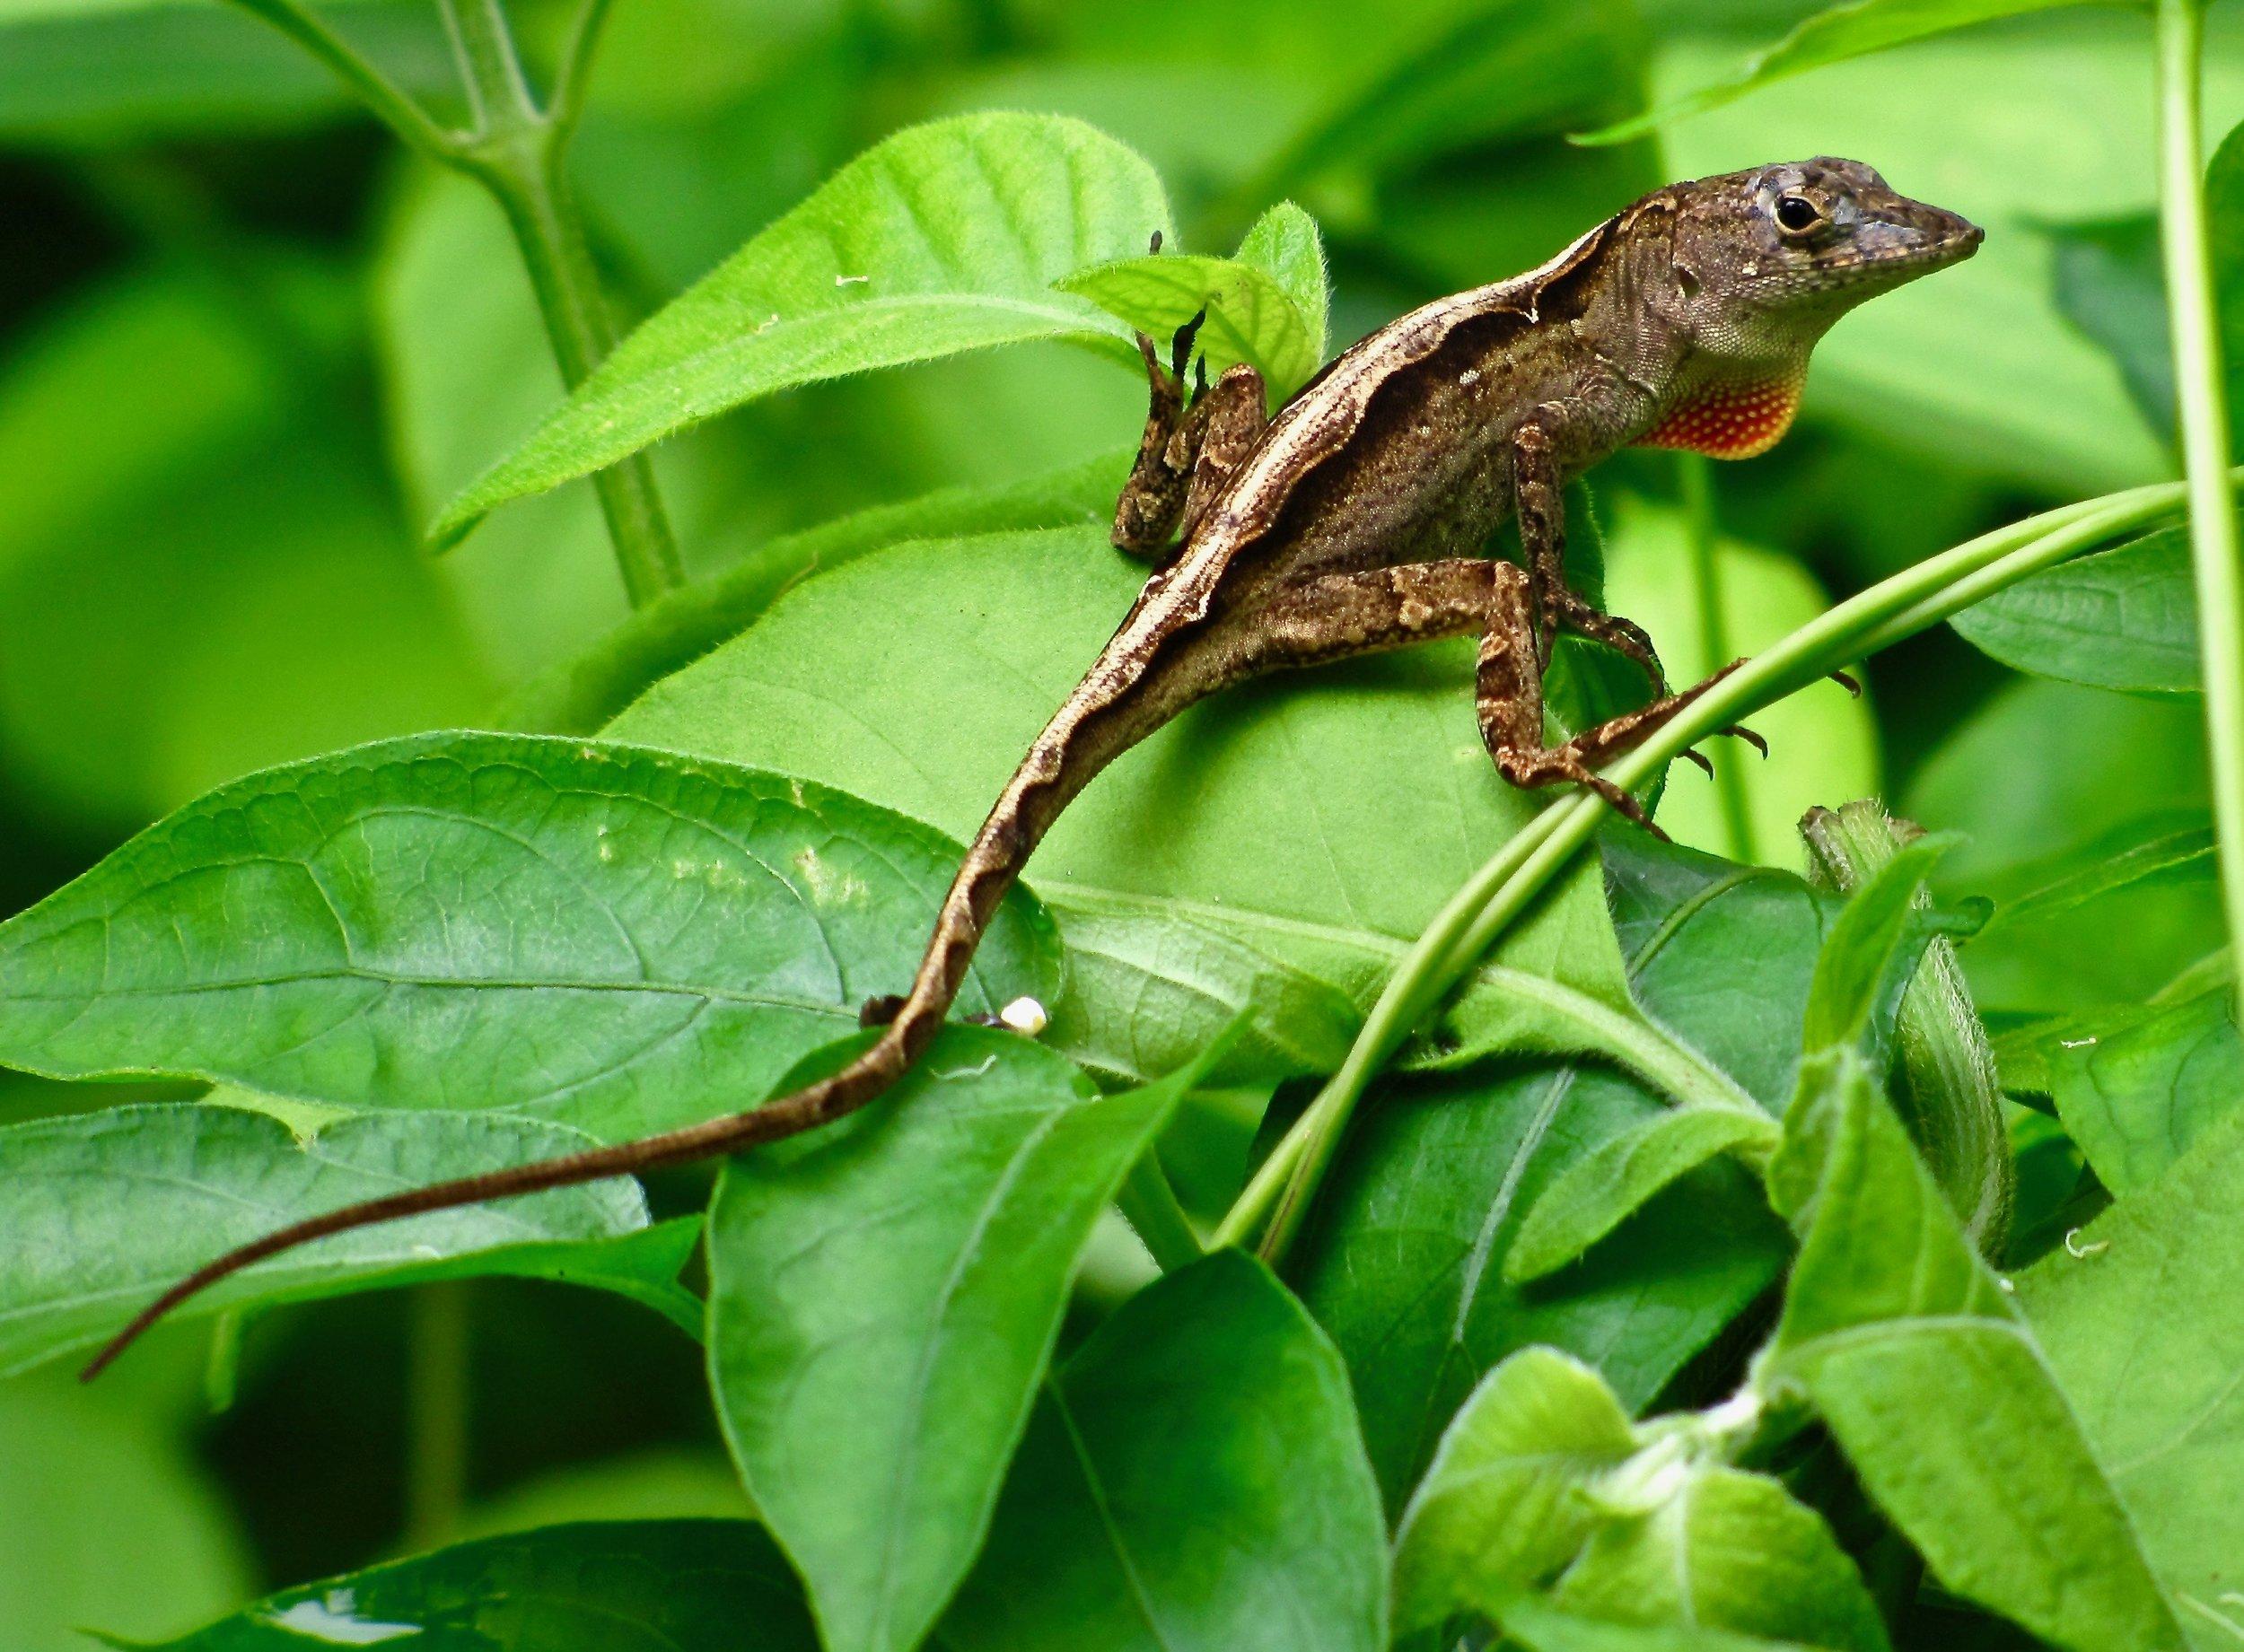 lizard on leaves 2.jpg